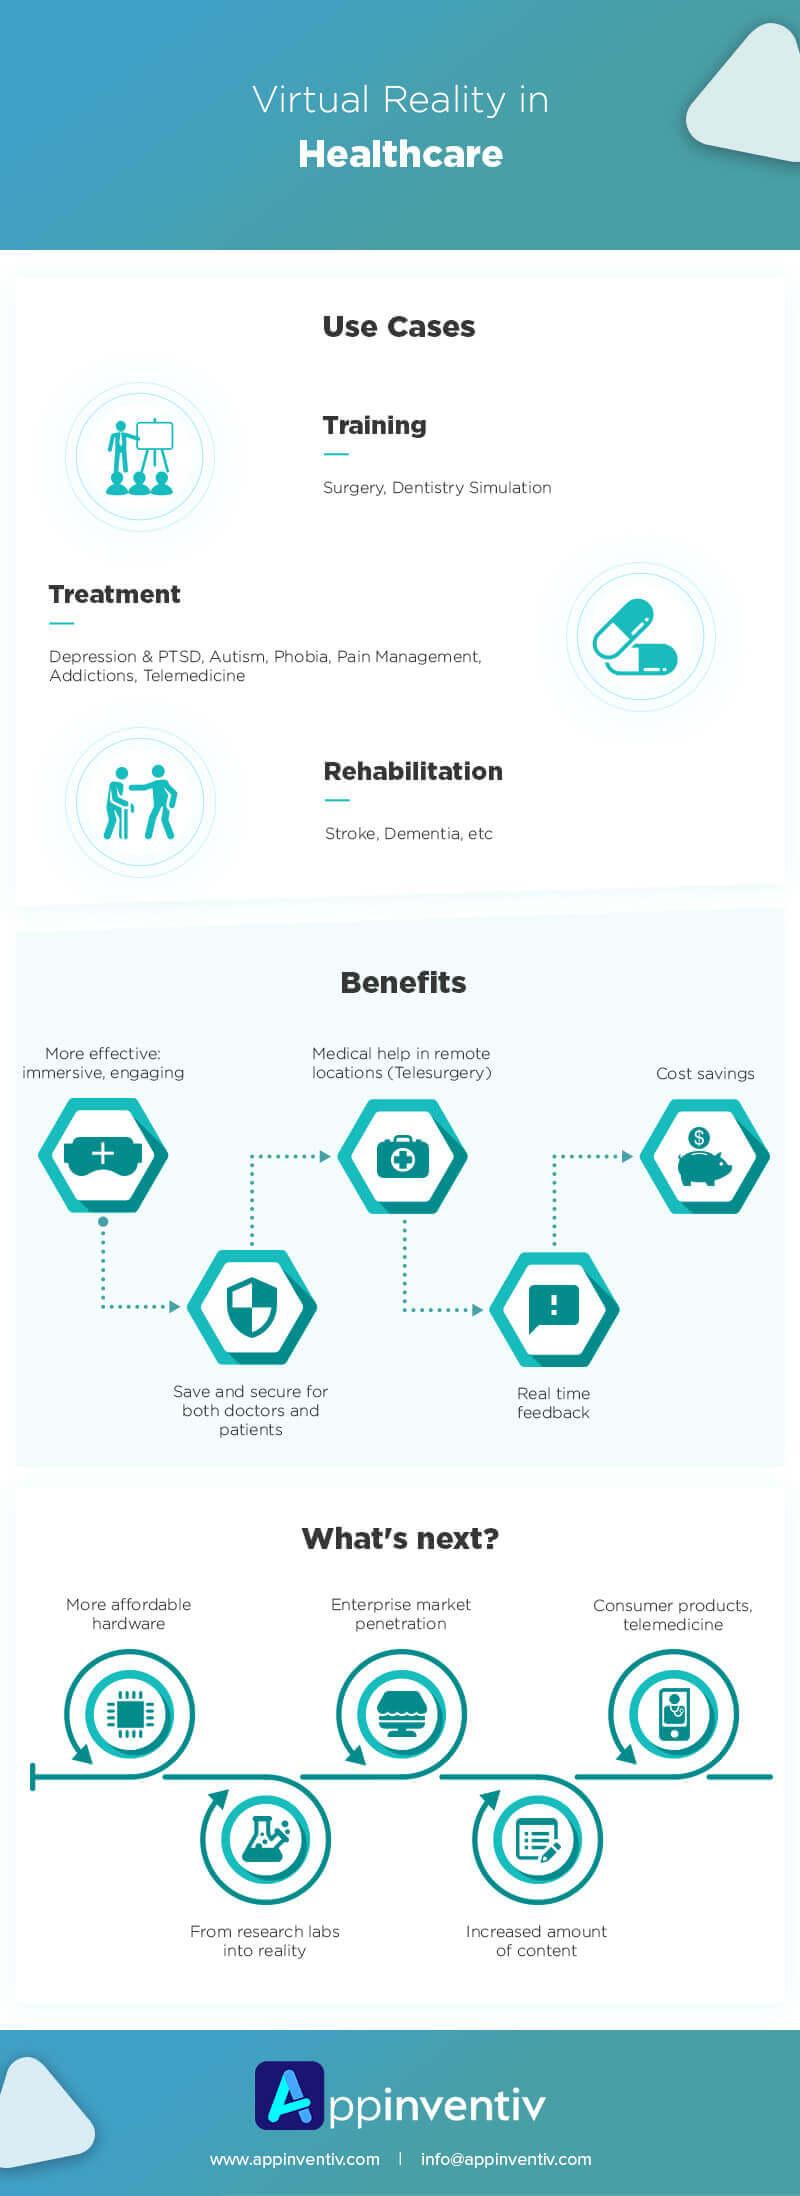 Healthcare & VR